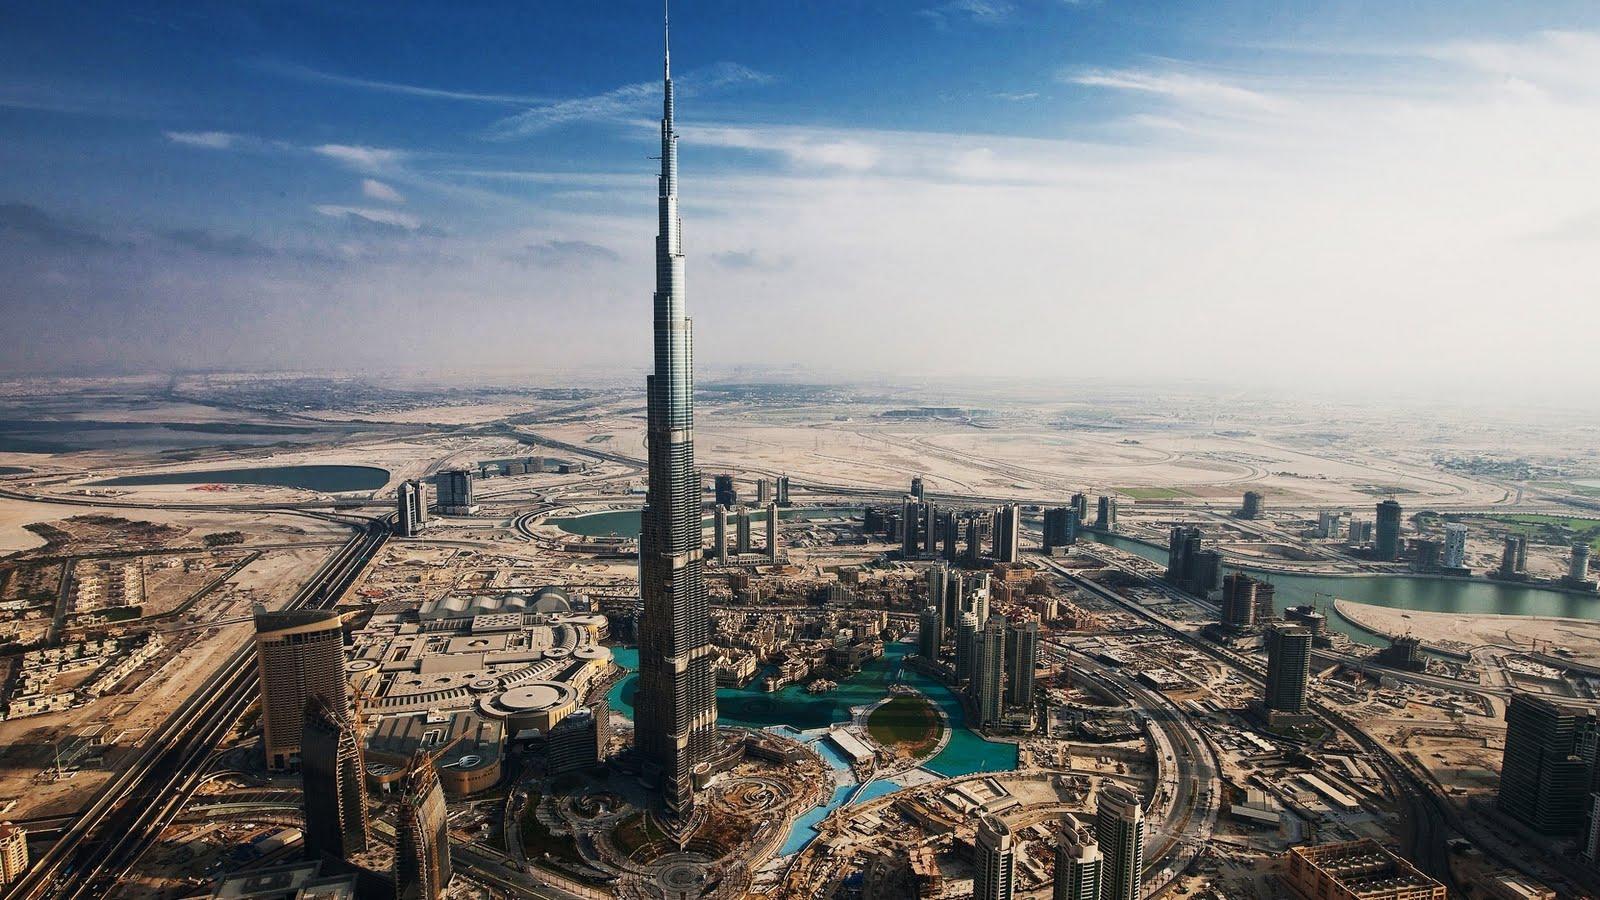 http://2.bp.blogspot.com/-_sj26Cr2J4s/TbmAWaRBwFI/AAAAAAAAB3Y/HHC7UQT2_q0/s1600/Burj+Khalifa+aka+Burj+Dubai+Wallpaper+%2540+Sotto2010.BlogSpot.Com.jpg